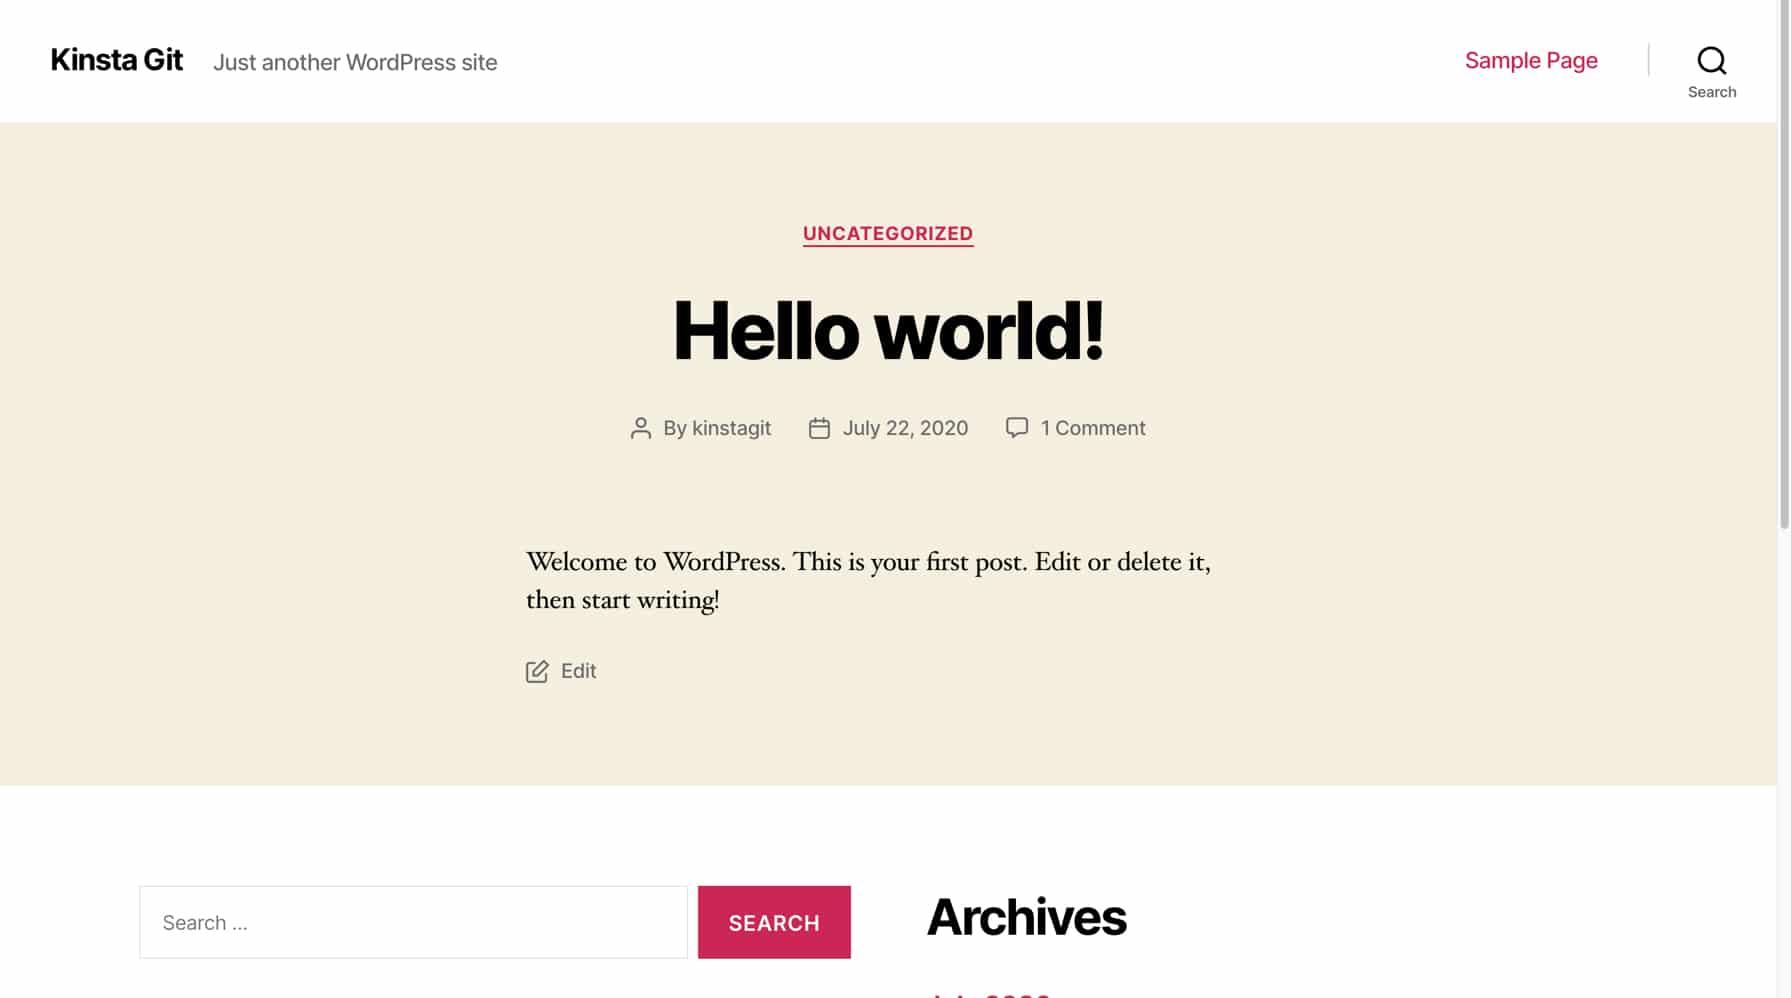 Eine neue WordPress installation.